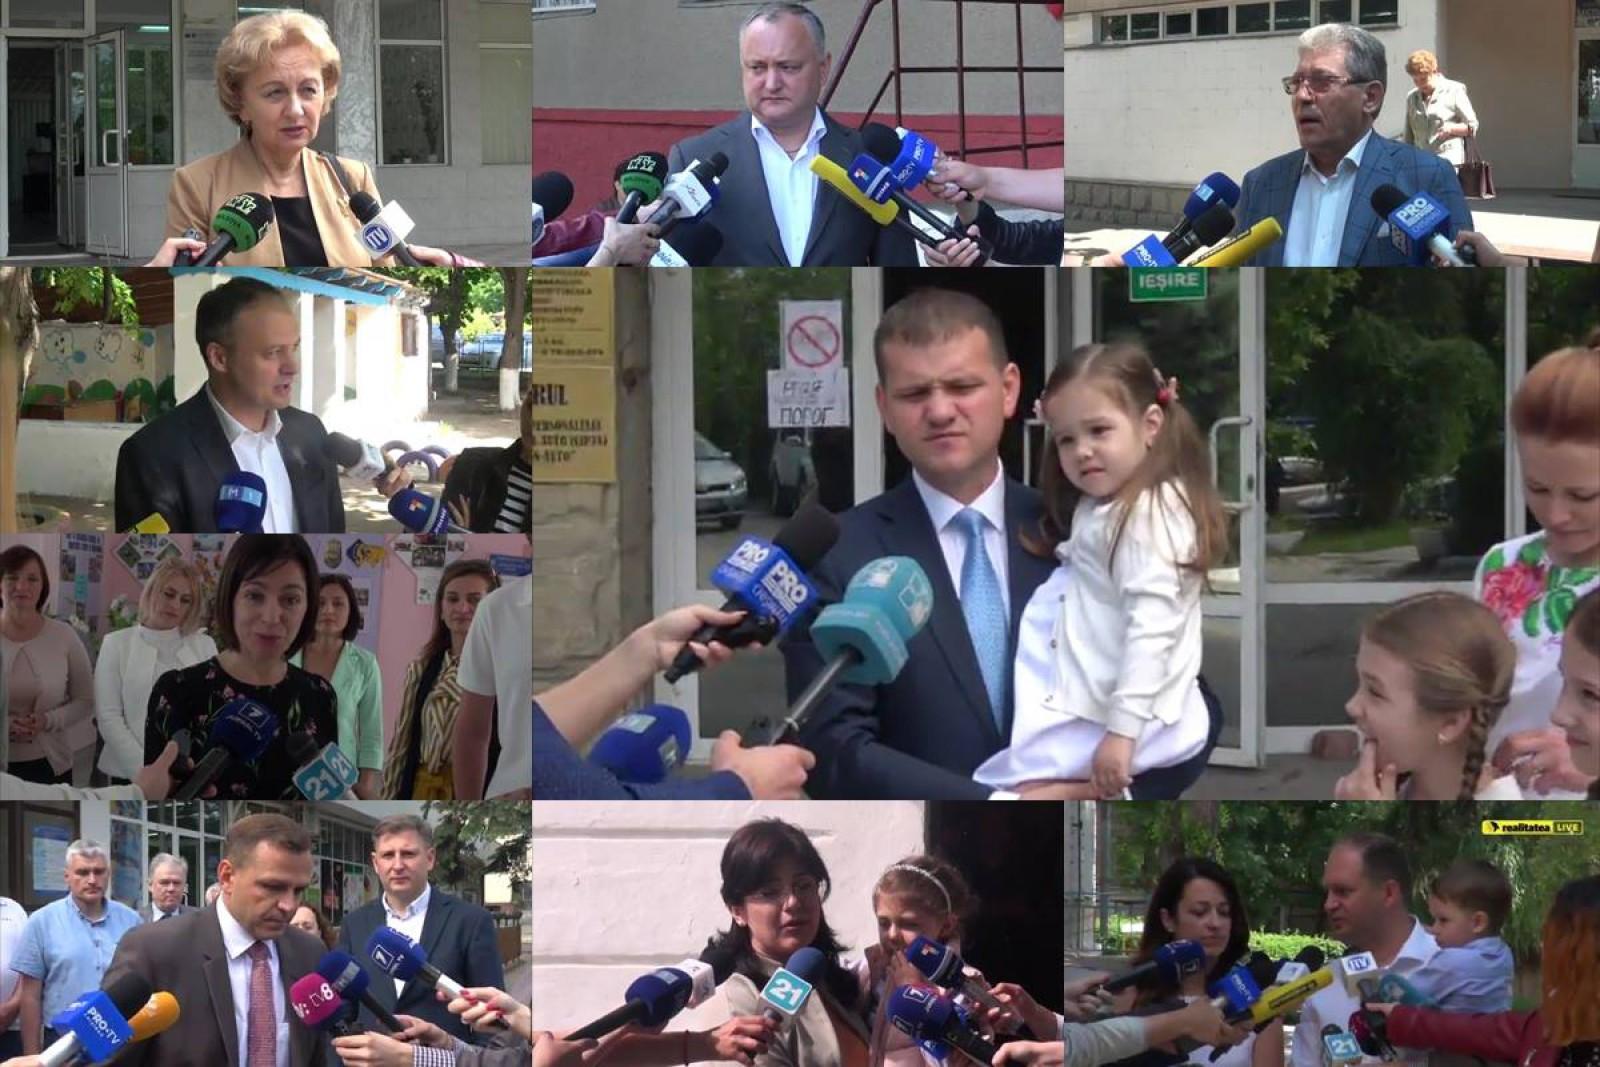 (video) Toate declarațiile zilei într-un singur clip. Excepție face Vlad Plahotniuc, care nu a apărut în spațiul public